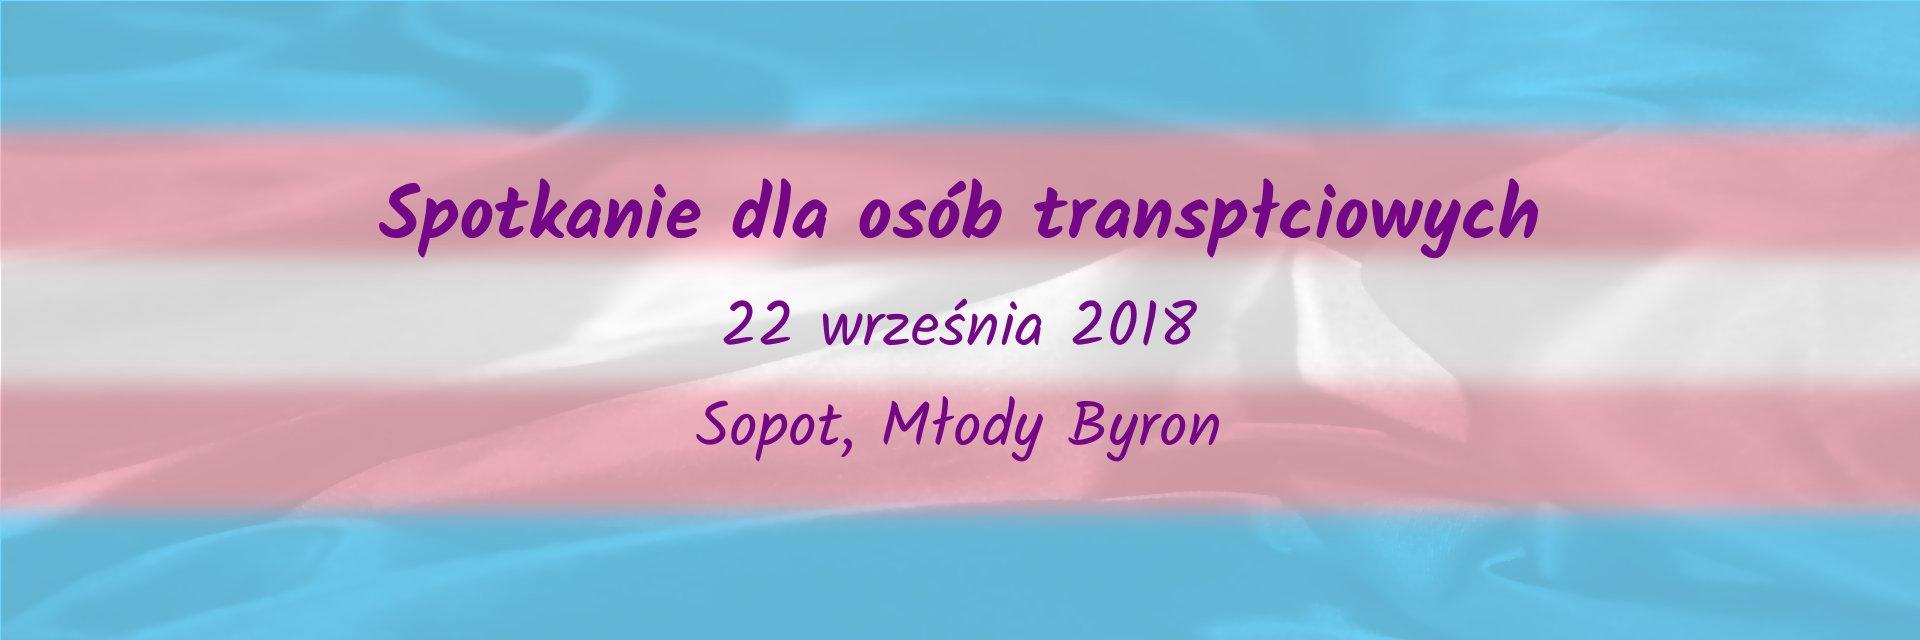 spotkanie towarzyskie 2018-09-22